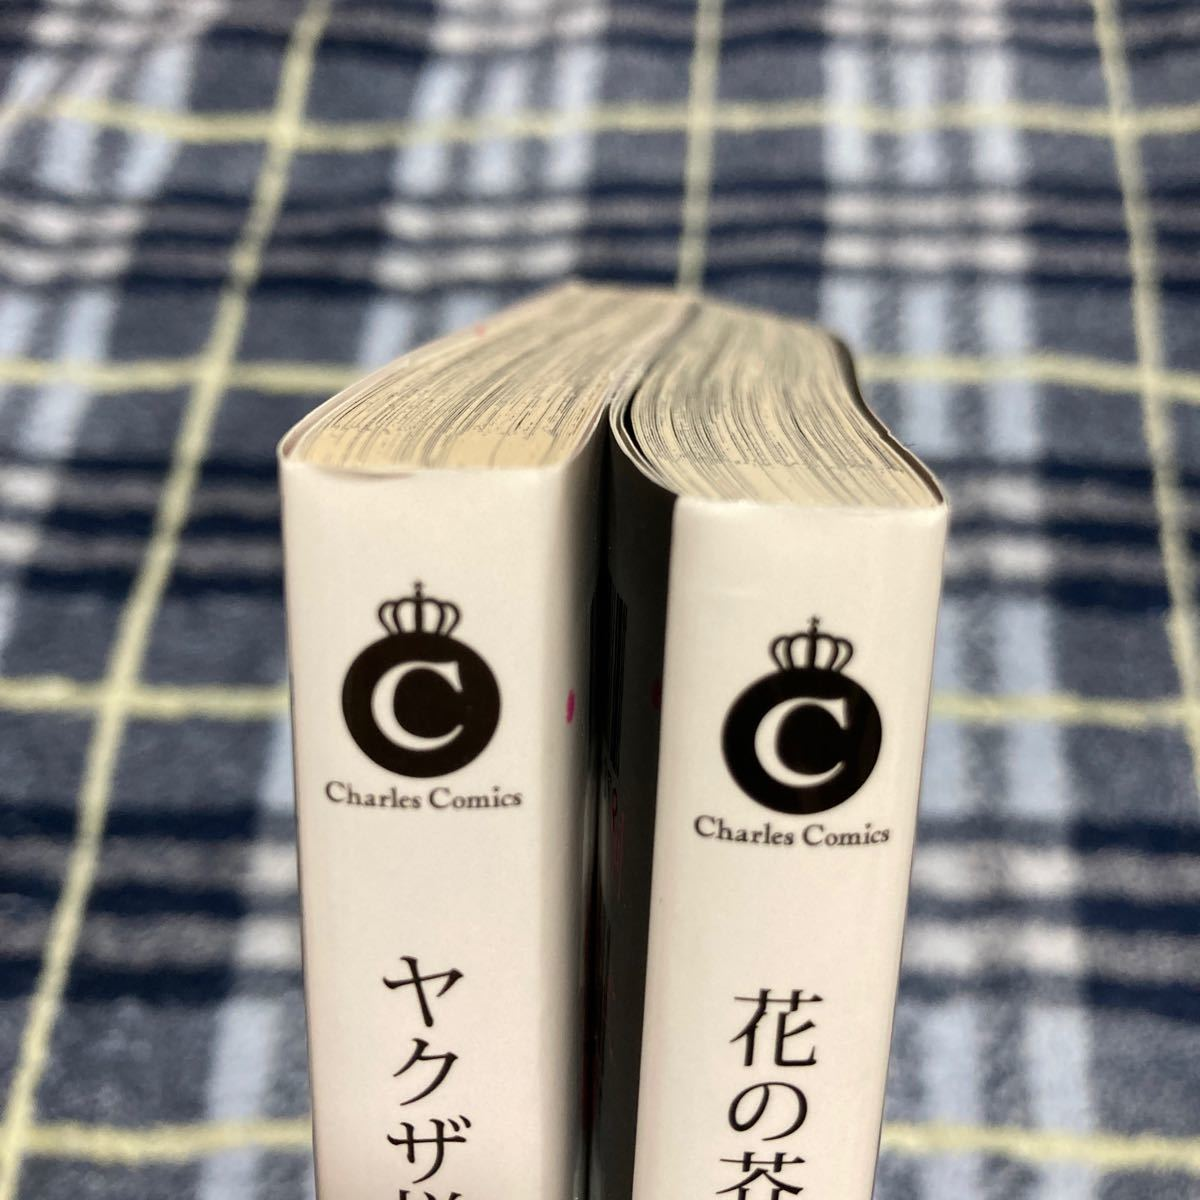 BL 漫画 コミック 桐式トキコ ヤクザ様のおもちゃ 花の芥